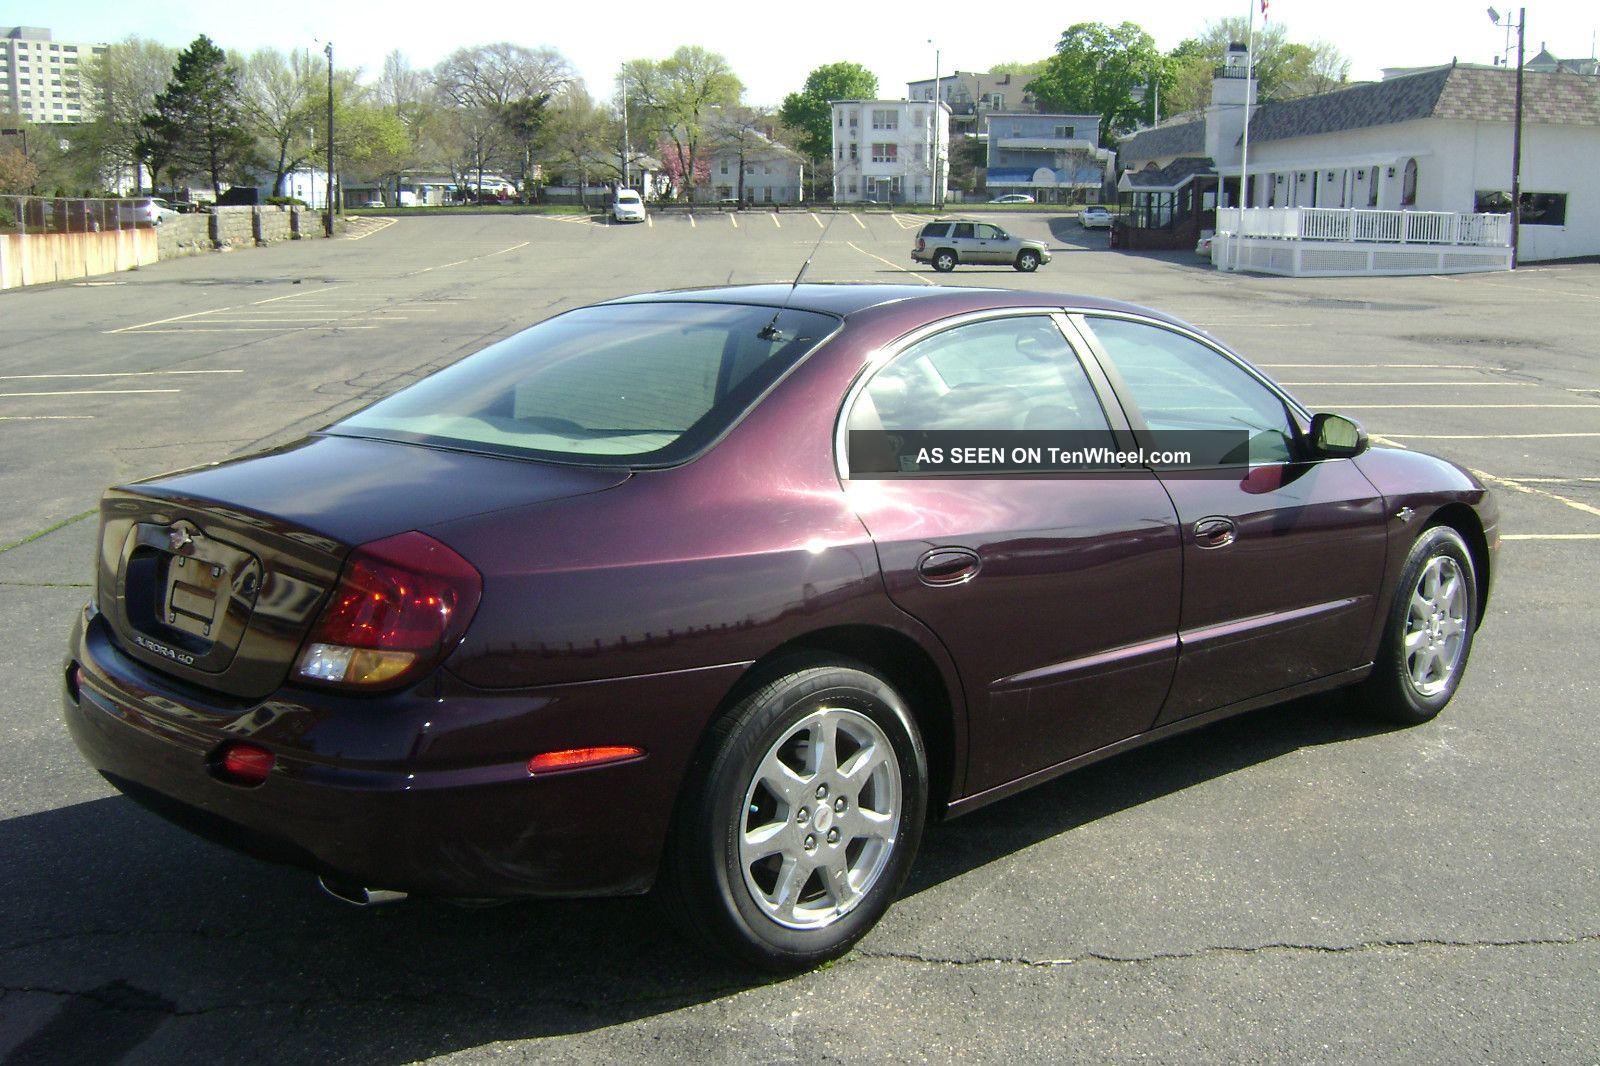 2003 Olds Oldsmobile Aurora Limited - 299.7KB